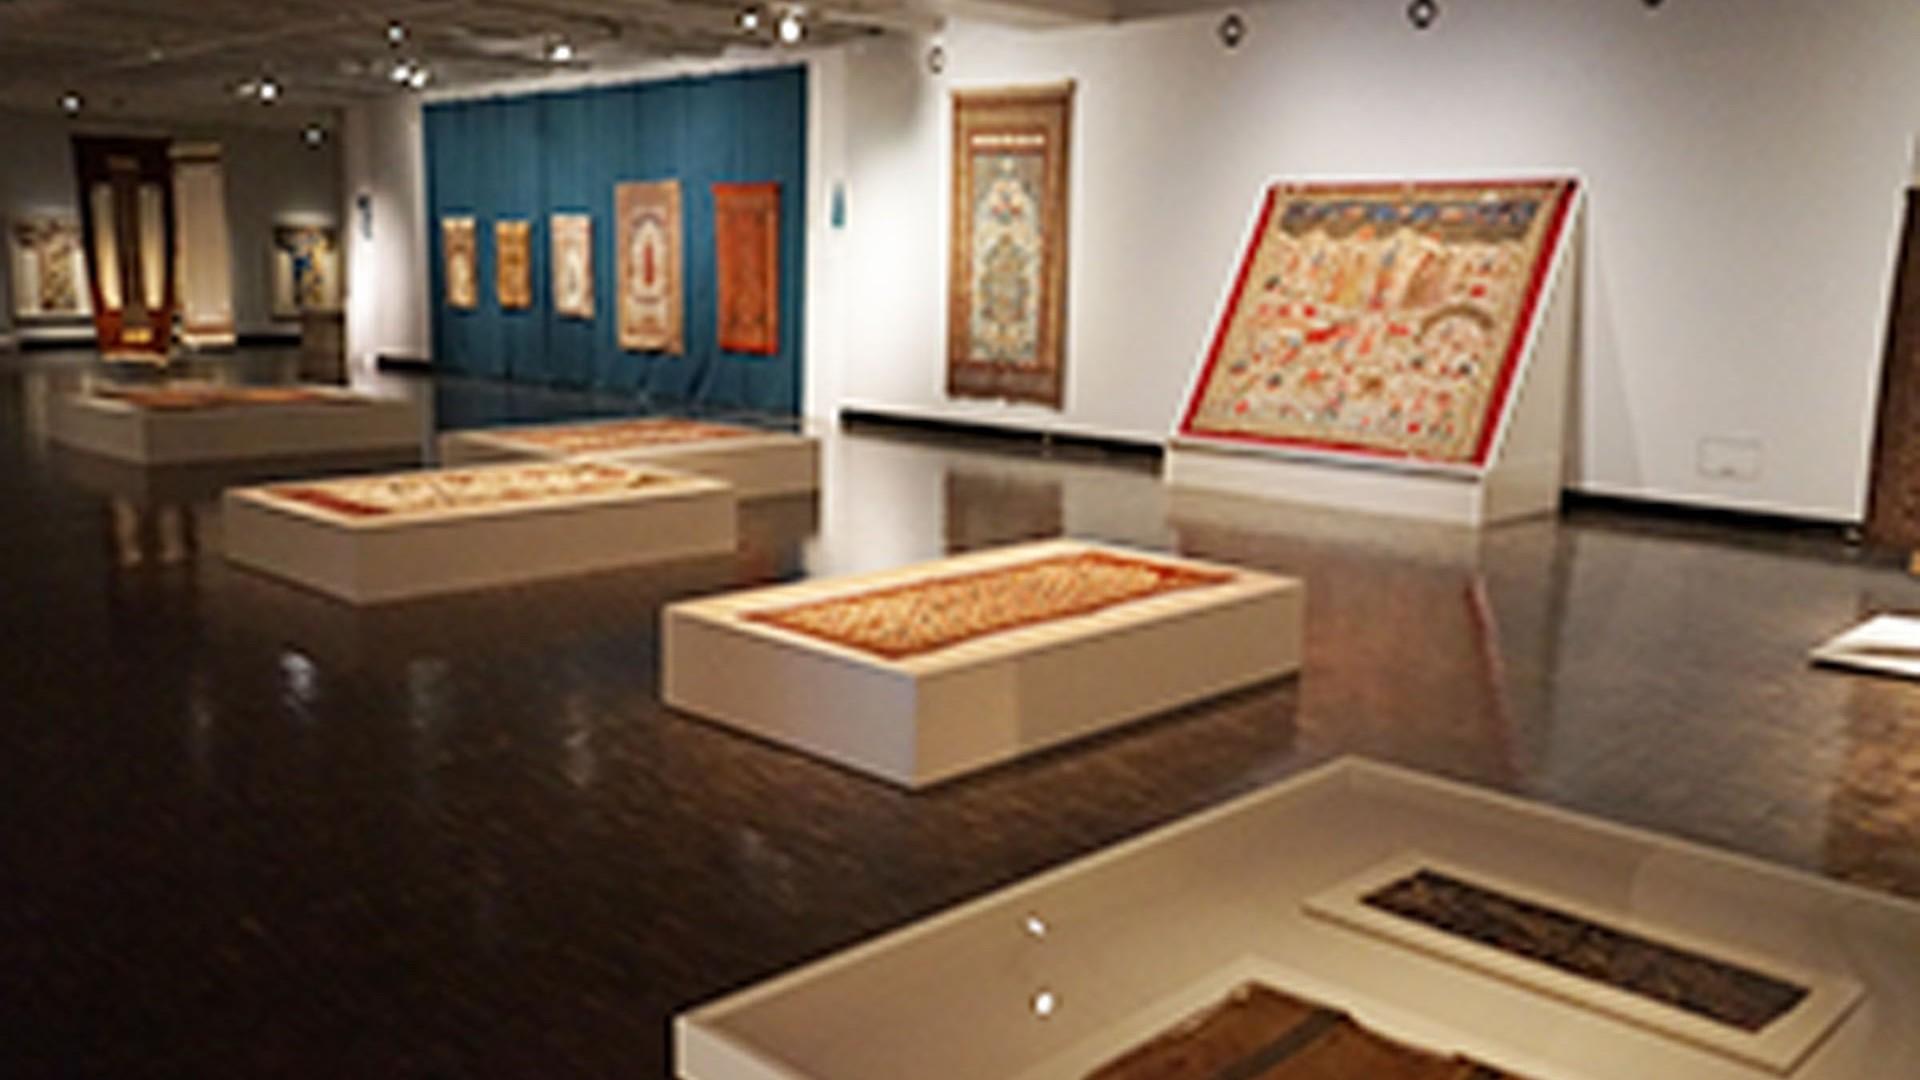 พิพิธภัณฑ์ศิลปะและการออกแบบแห่งมหาวิทยาลัยโจะชิบิ